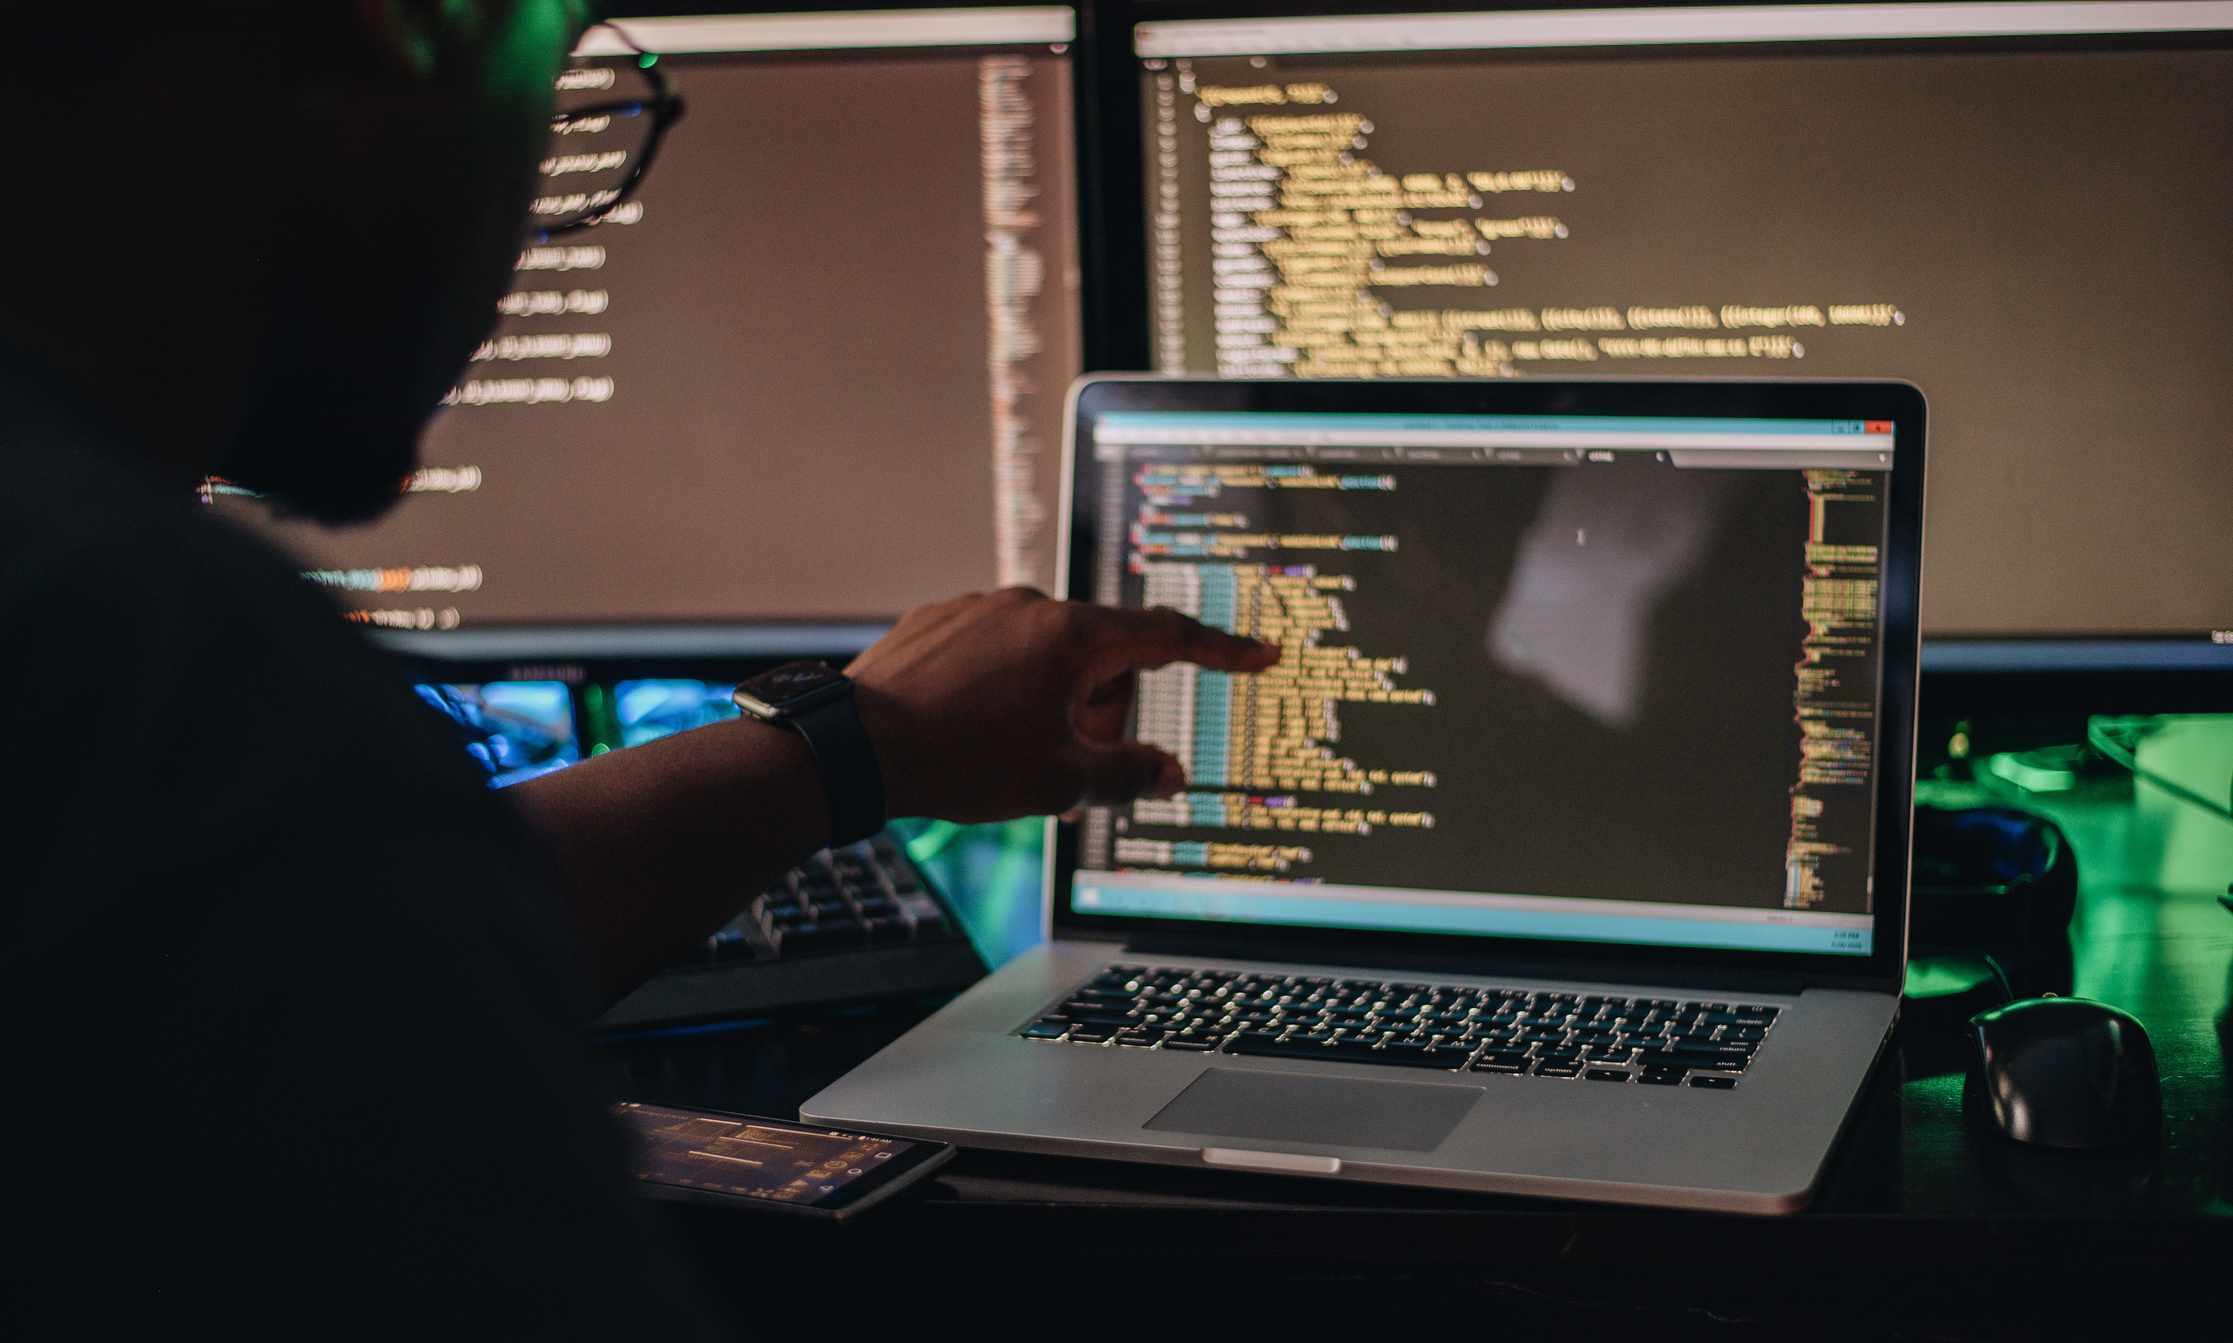 A man codes on a laptop